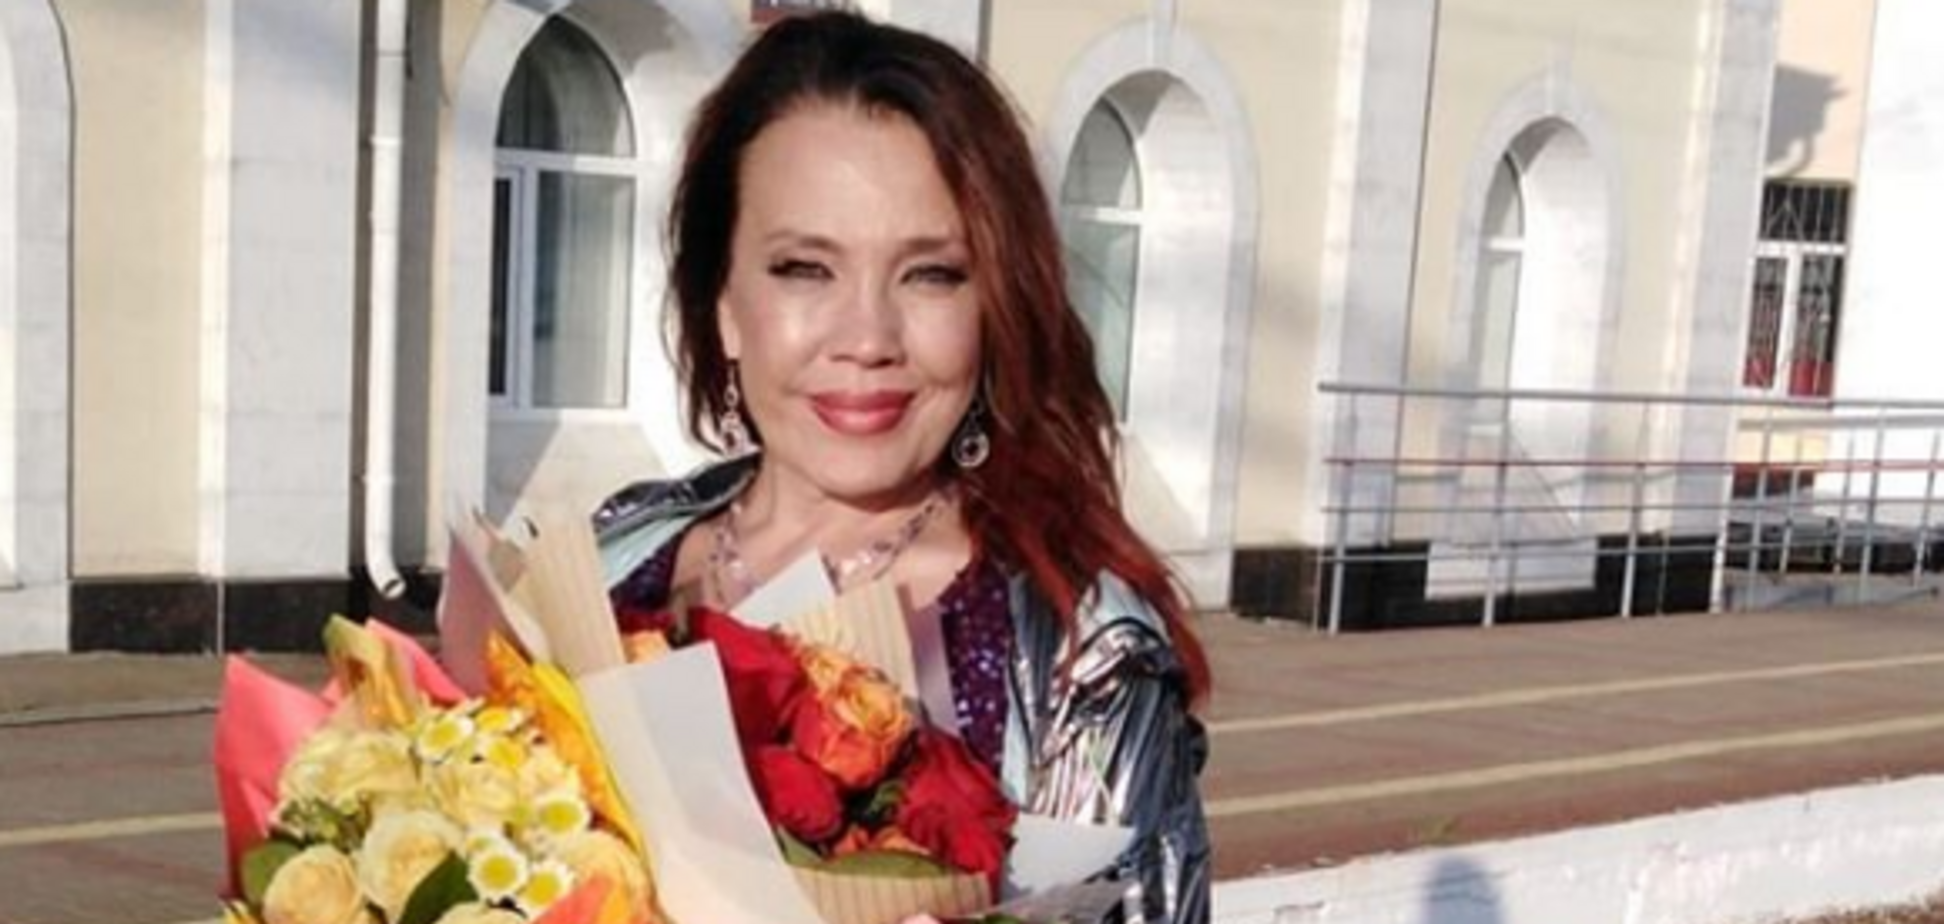 Загадка убийства Талькова: как изменилась певица Азиза, из-за которой его застрелили